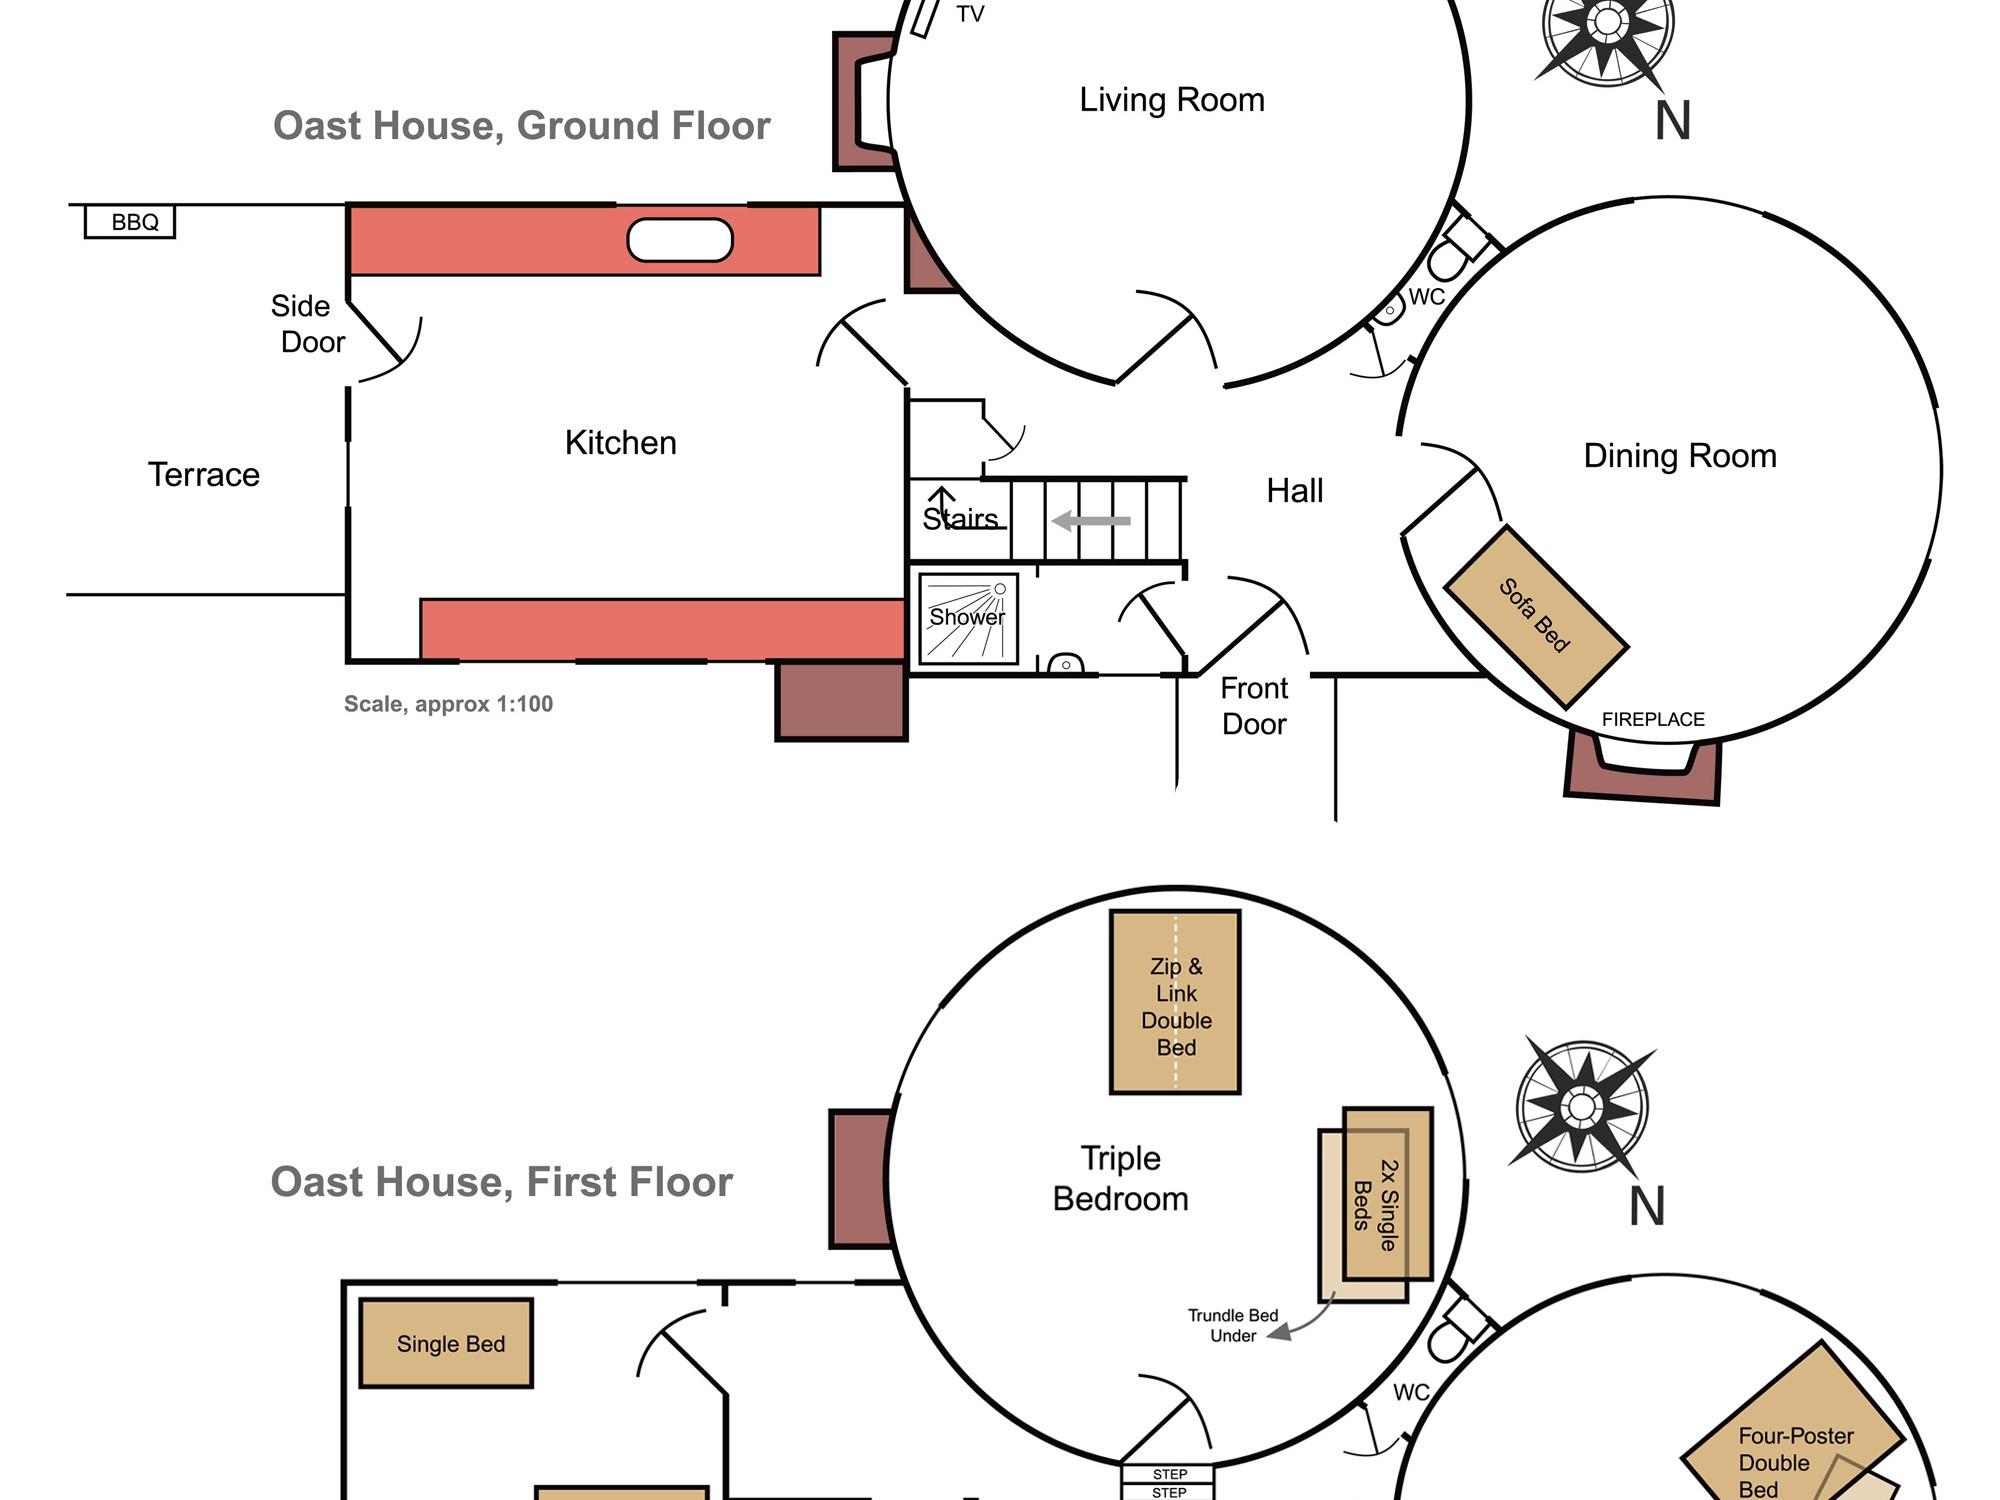 The Oast House floor plan